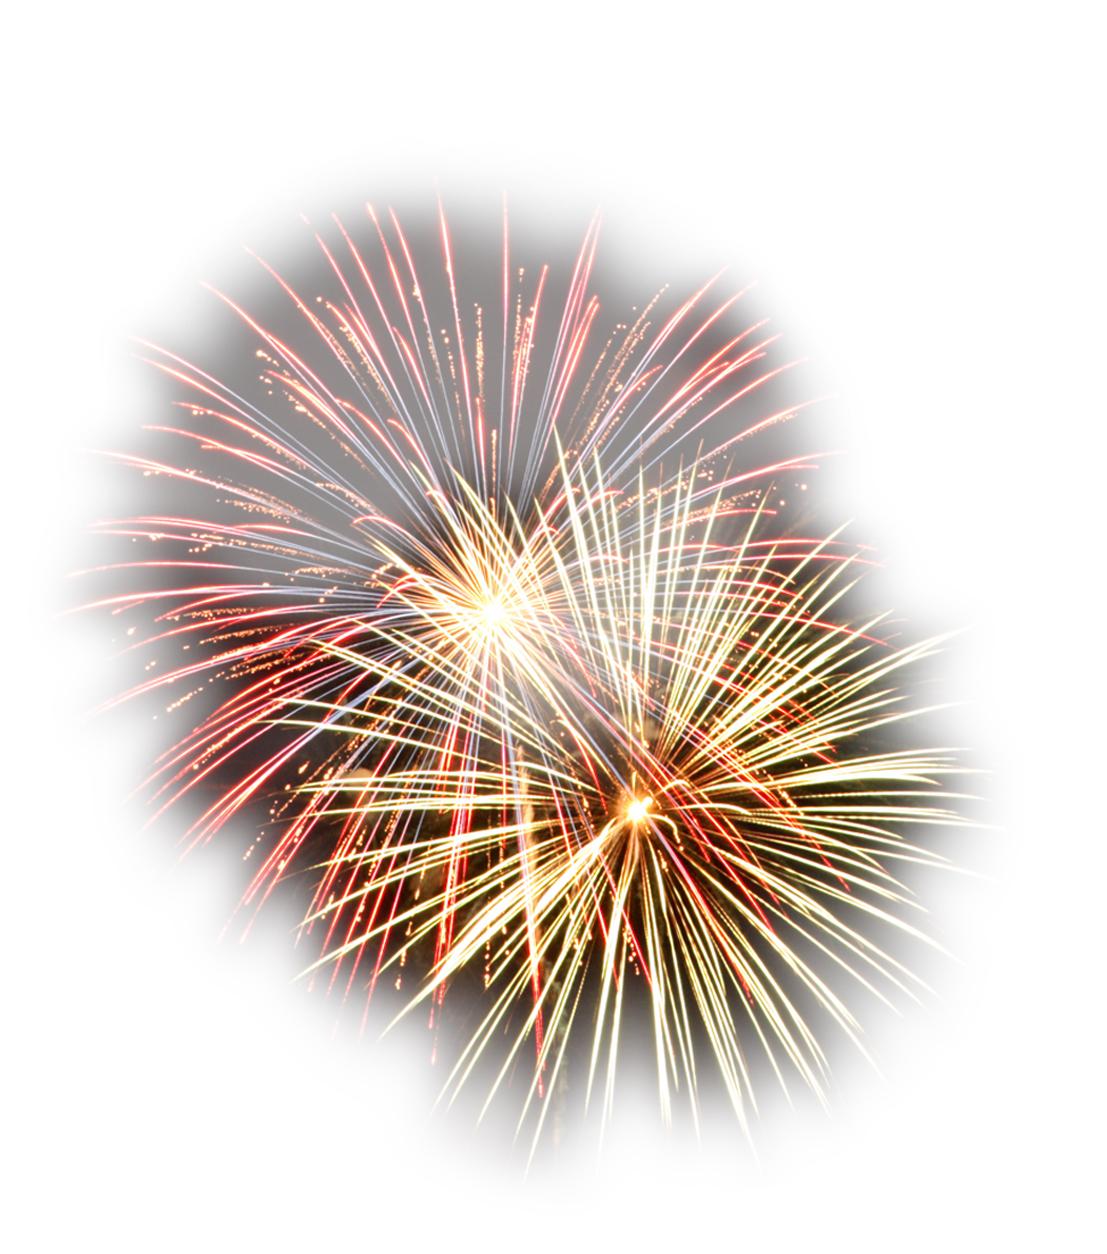 download fireworks transparent background hq png image